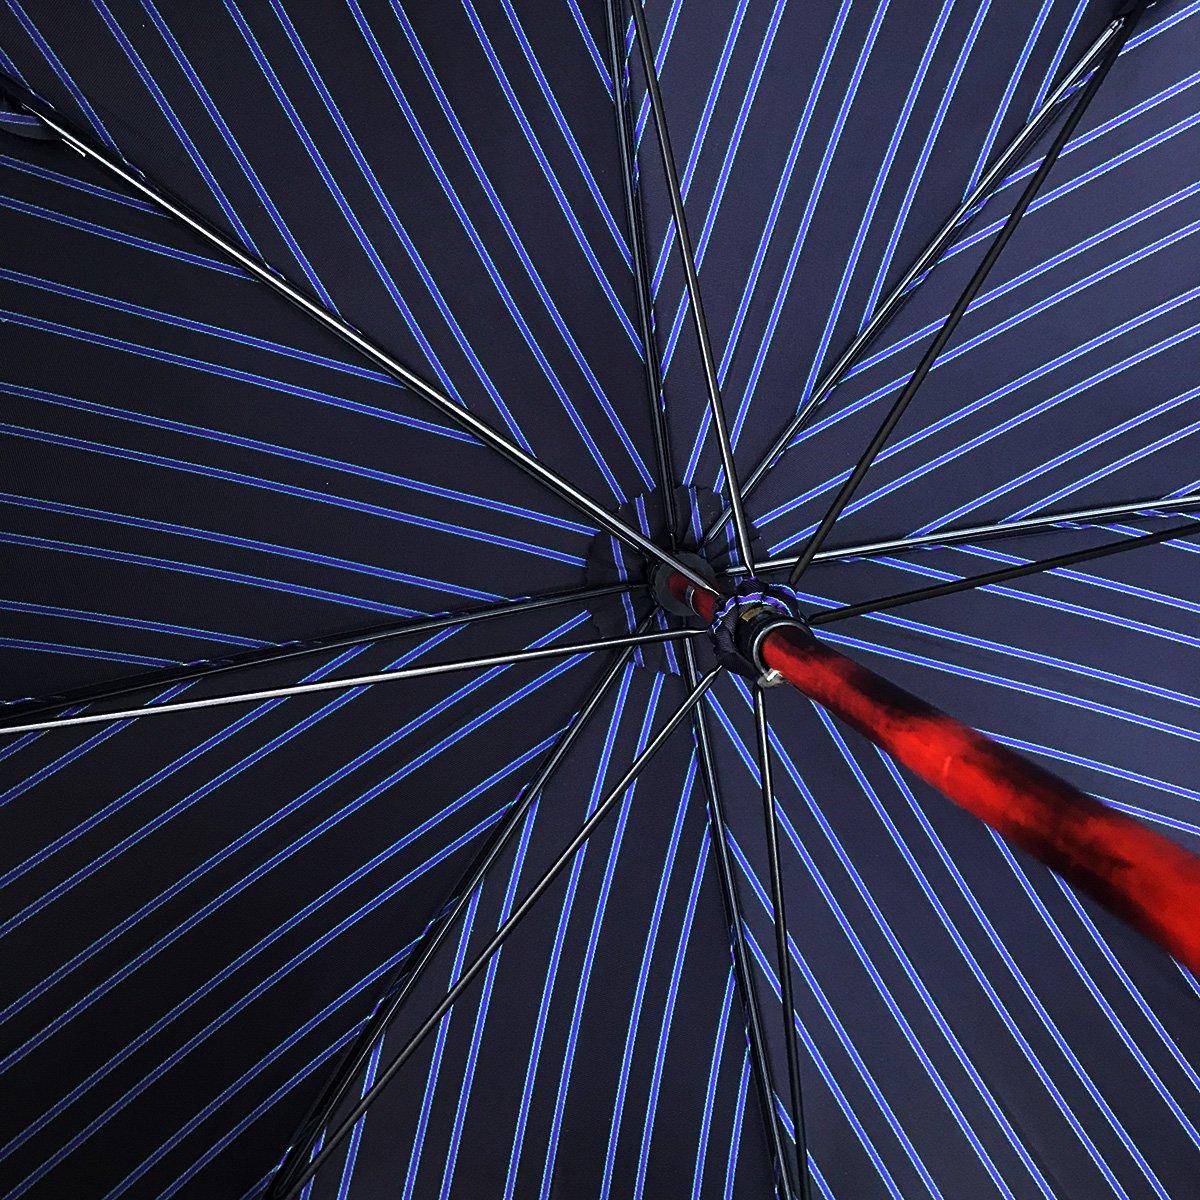 一本棒 メープルソリッド ダブルフェイス ストライプ 長傘 詳細画像12